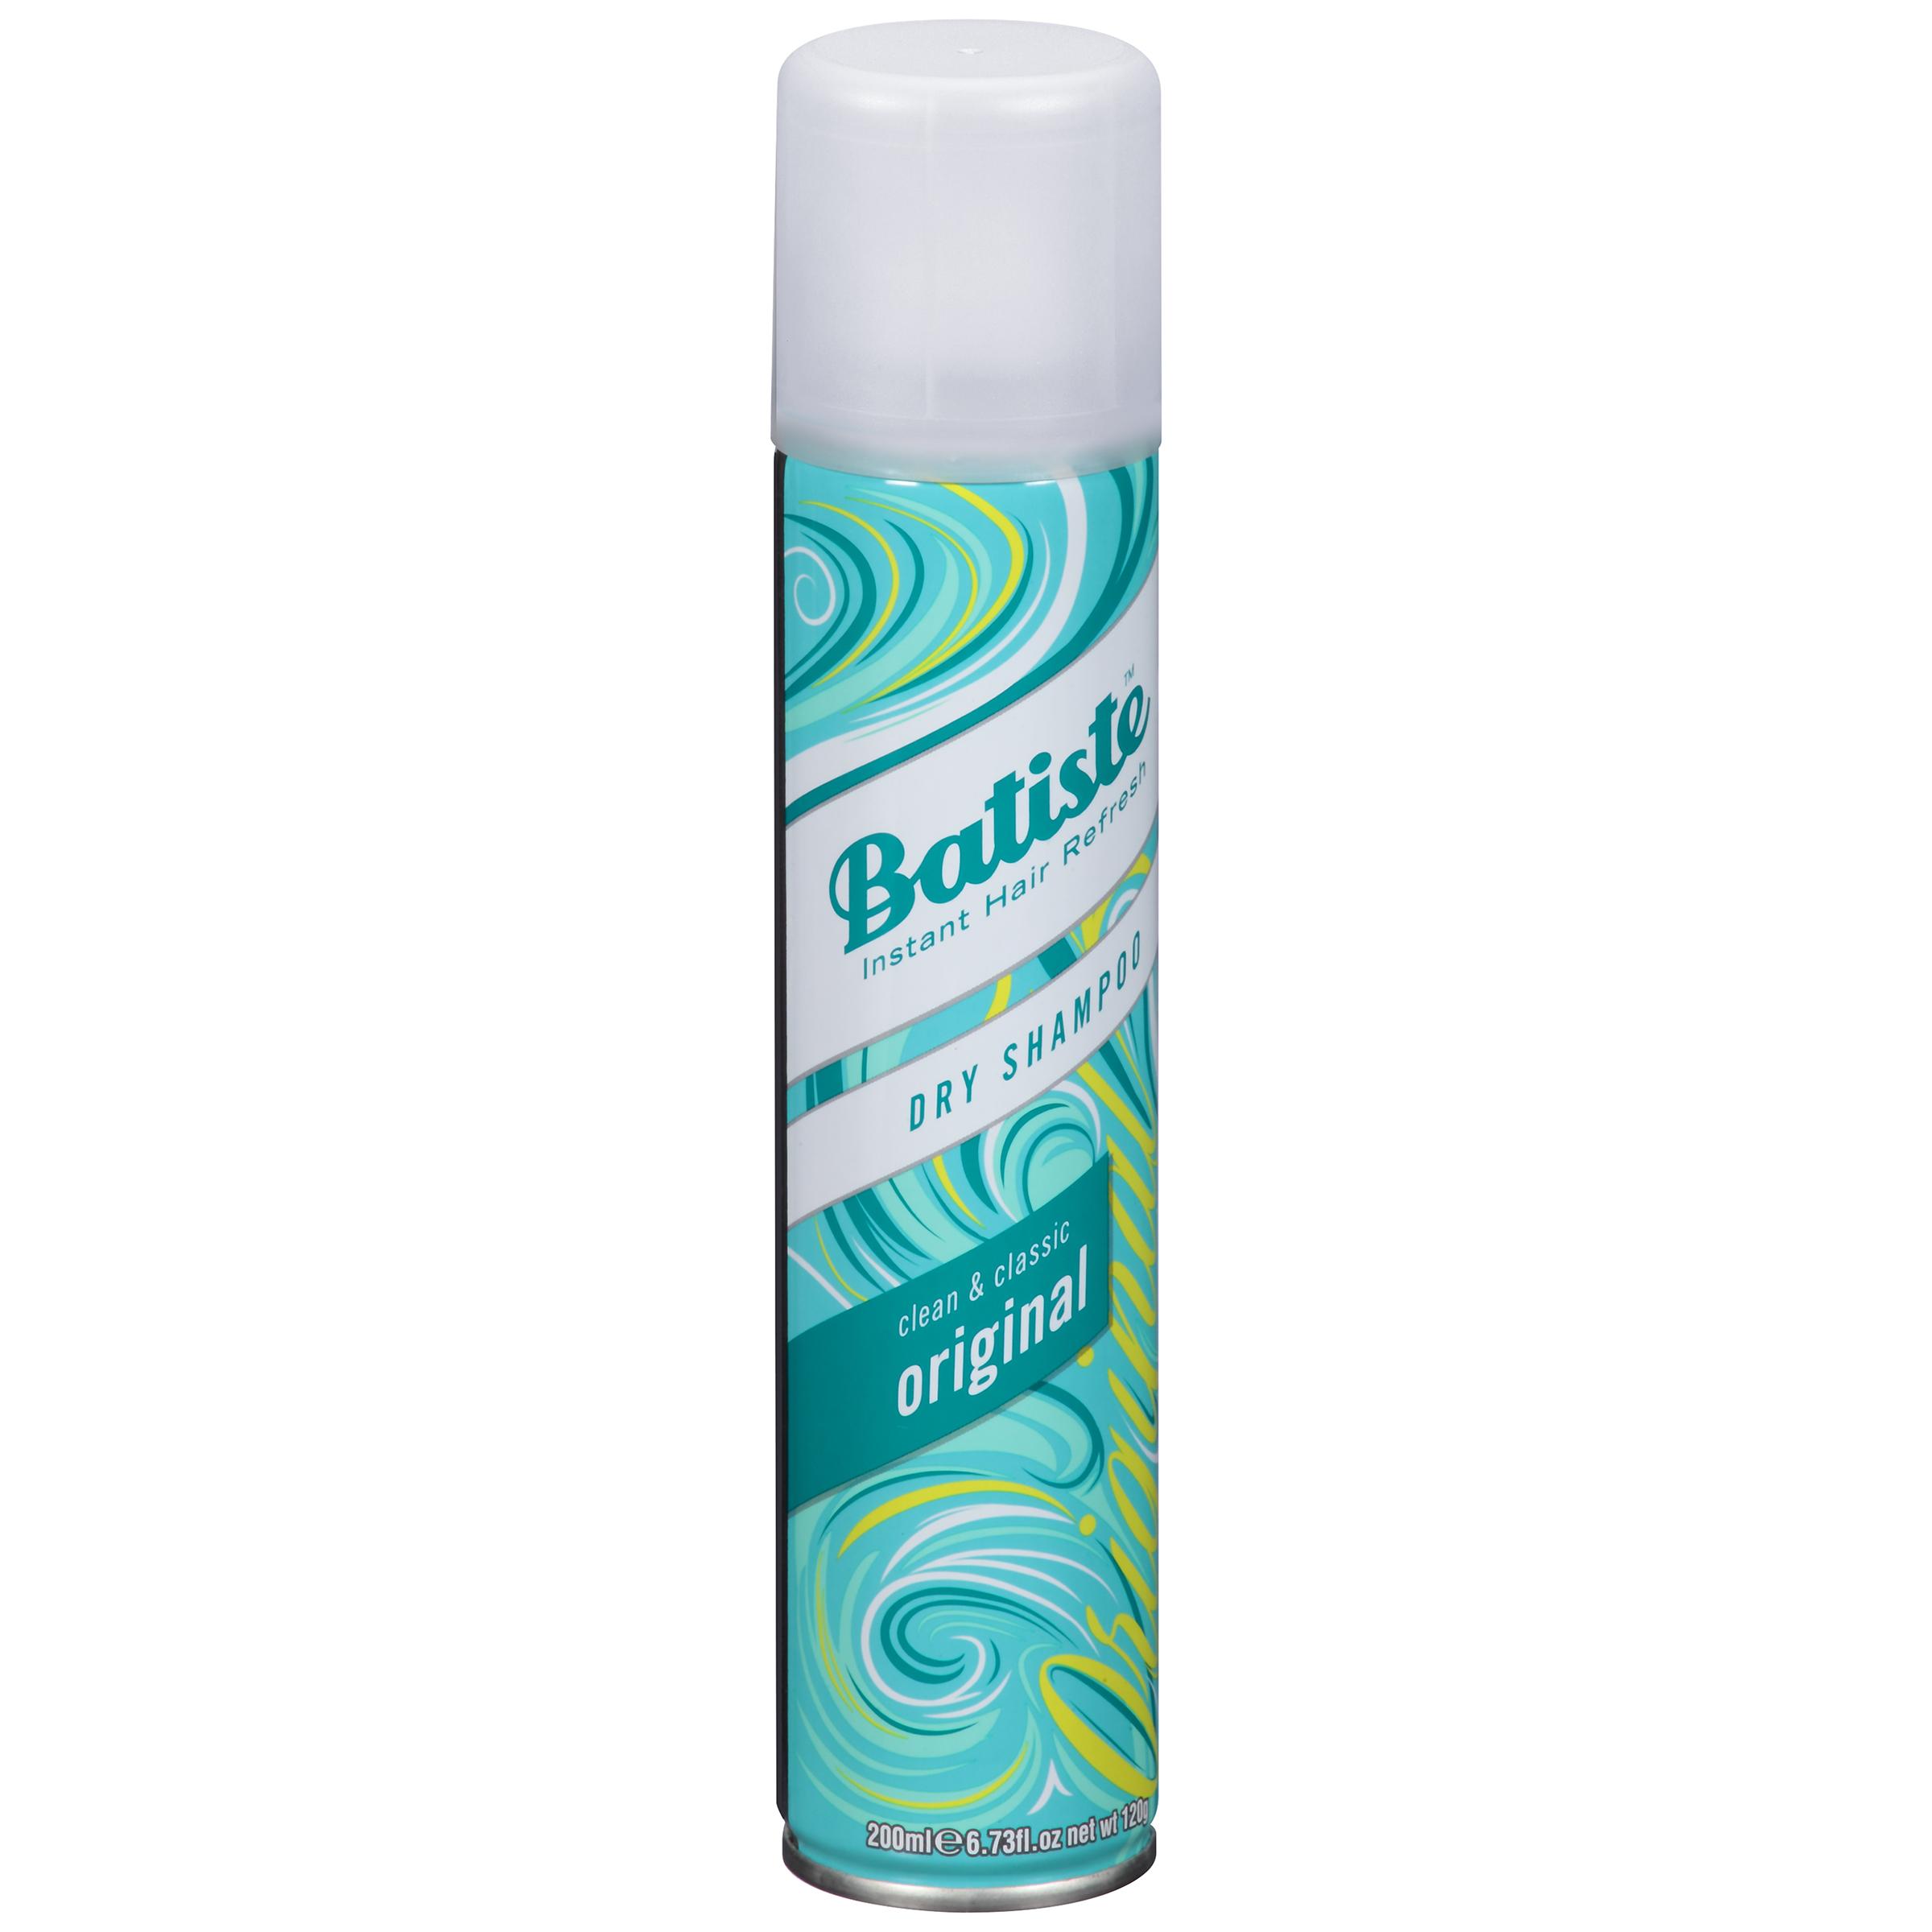 Batiste Dry Shampoo - Un producto que siempre debes tener al alcance de tu mano, porque hay ocasiones en las que necesitas aplazar un día más el lavado del cabello. Viene con diferentes aromas, pero yo prefiero el Original Scent. (Foto: Suministrada)